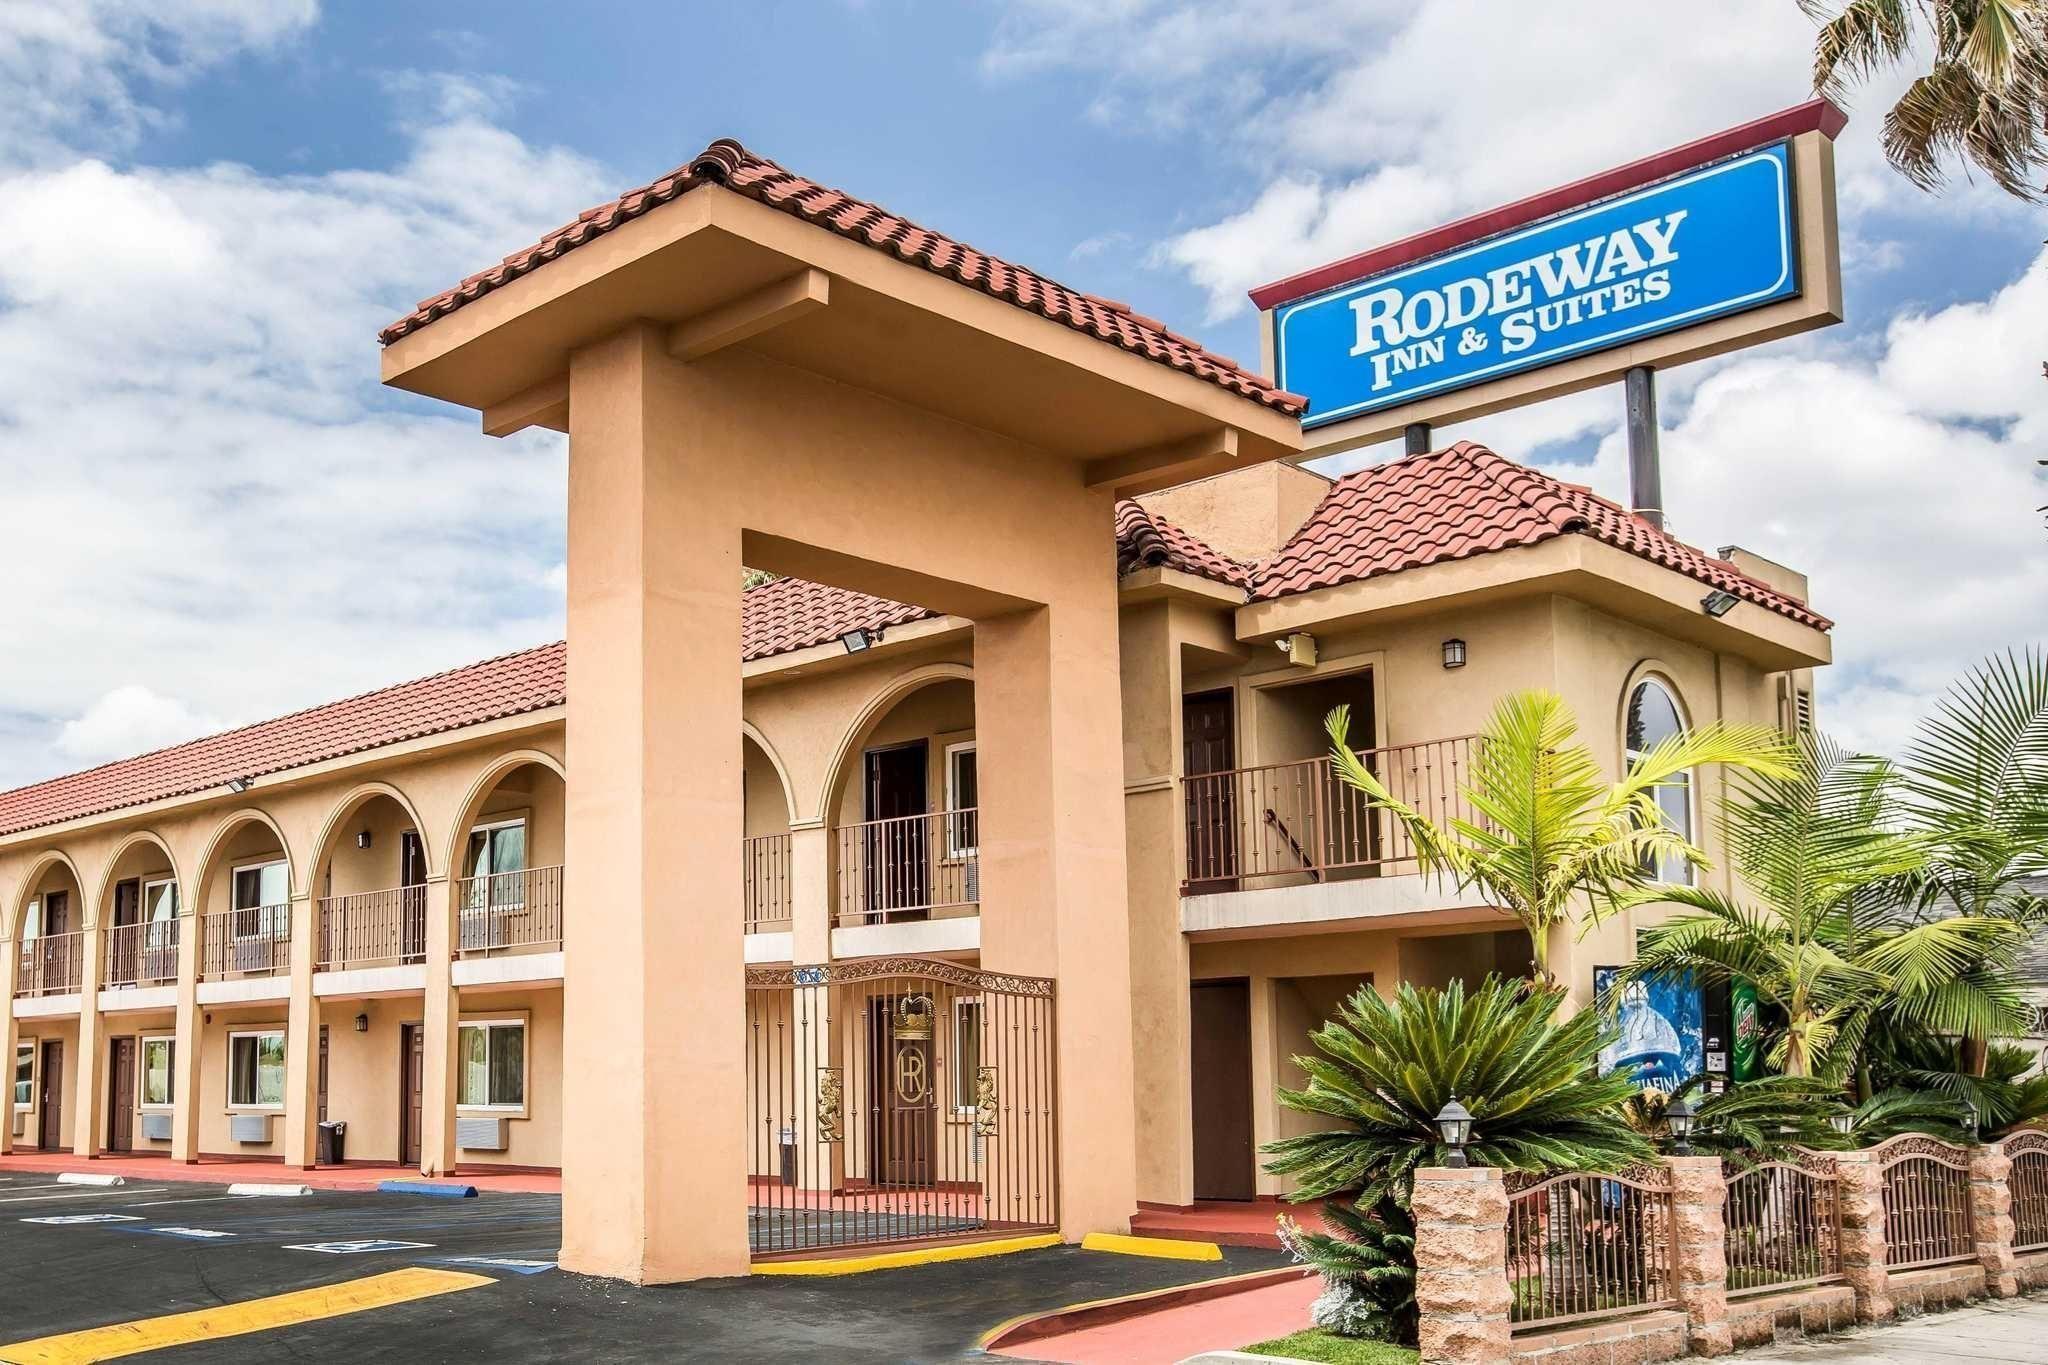 Rodeway Inn & Suites Bellflower